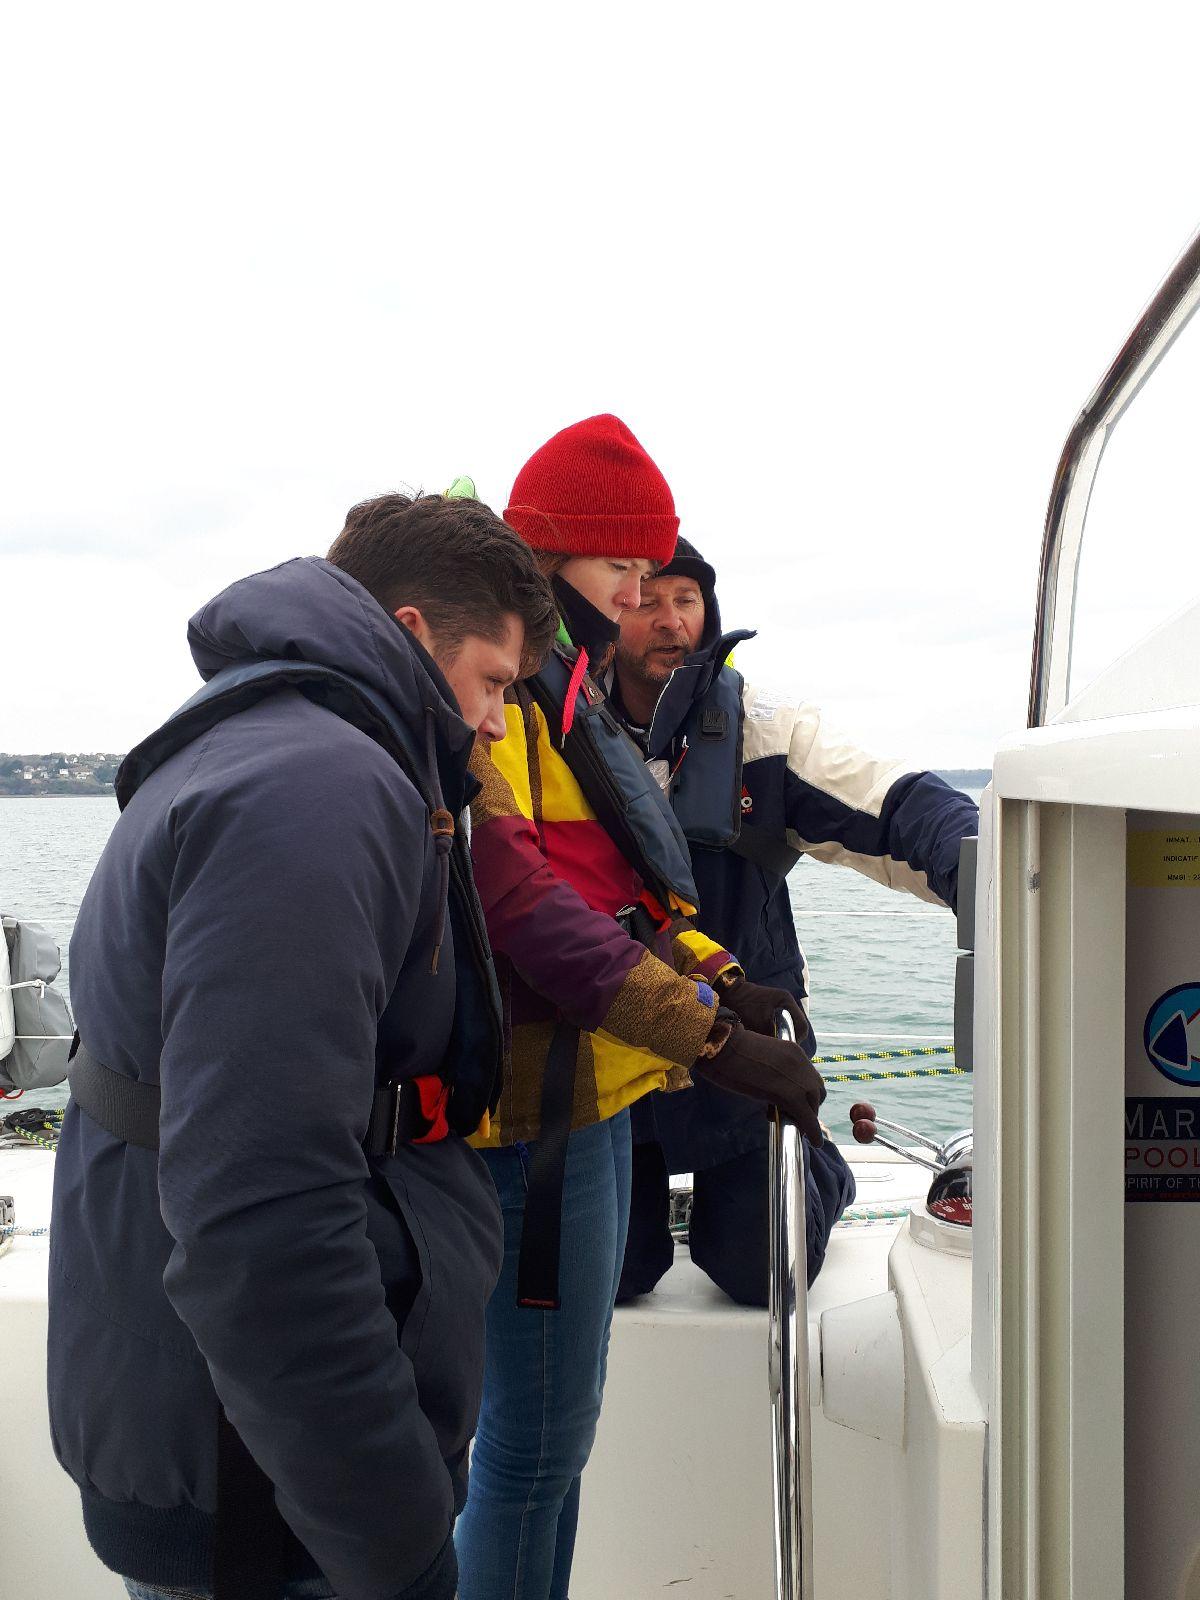 [ Marine à voile ] Catamaran Virginie Hériot voilier de l'Ecole Navale 23_d_a10